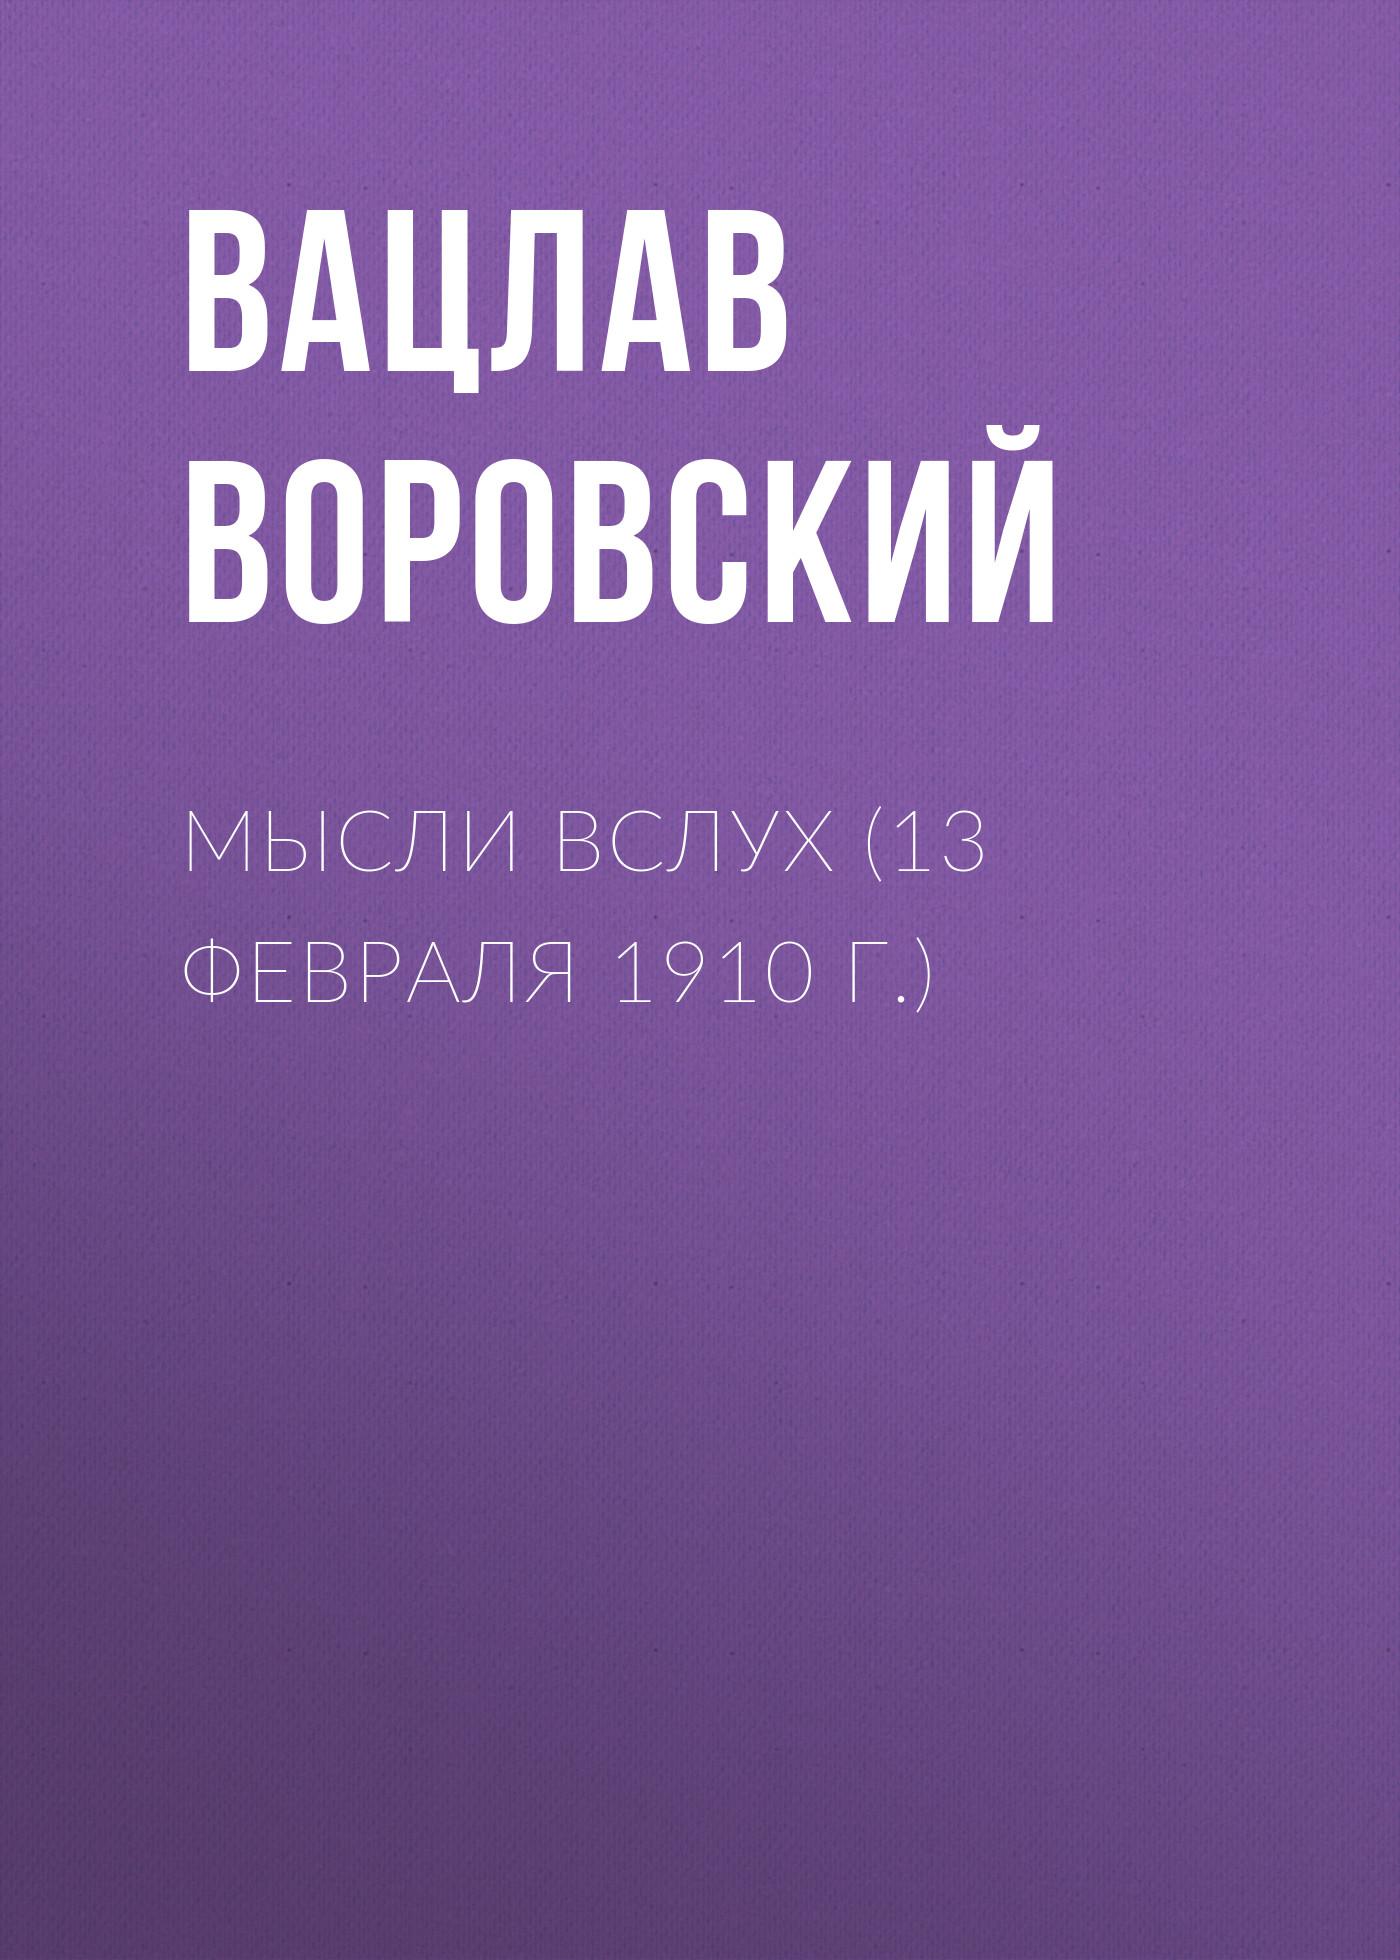 Вацлав Воровский Мысли вслух (13 февраля 1910 г.) вацлав воровский мысли вслух 15 января 1910 г